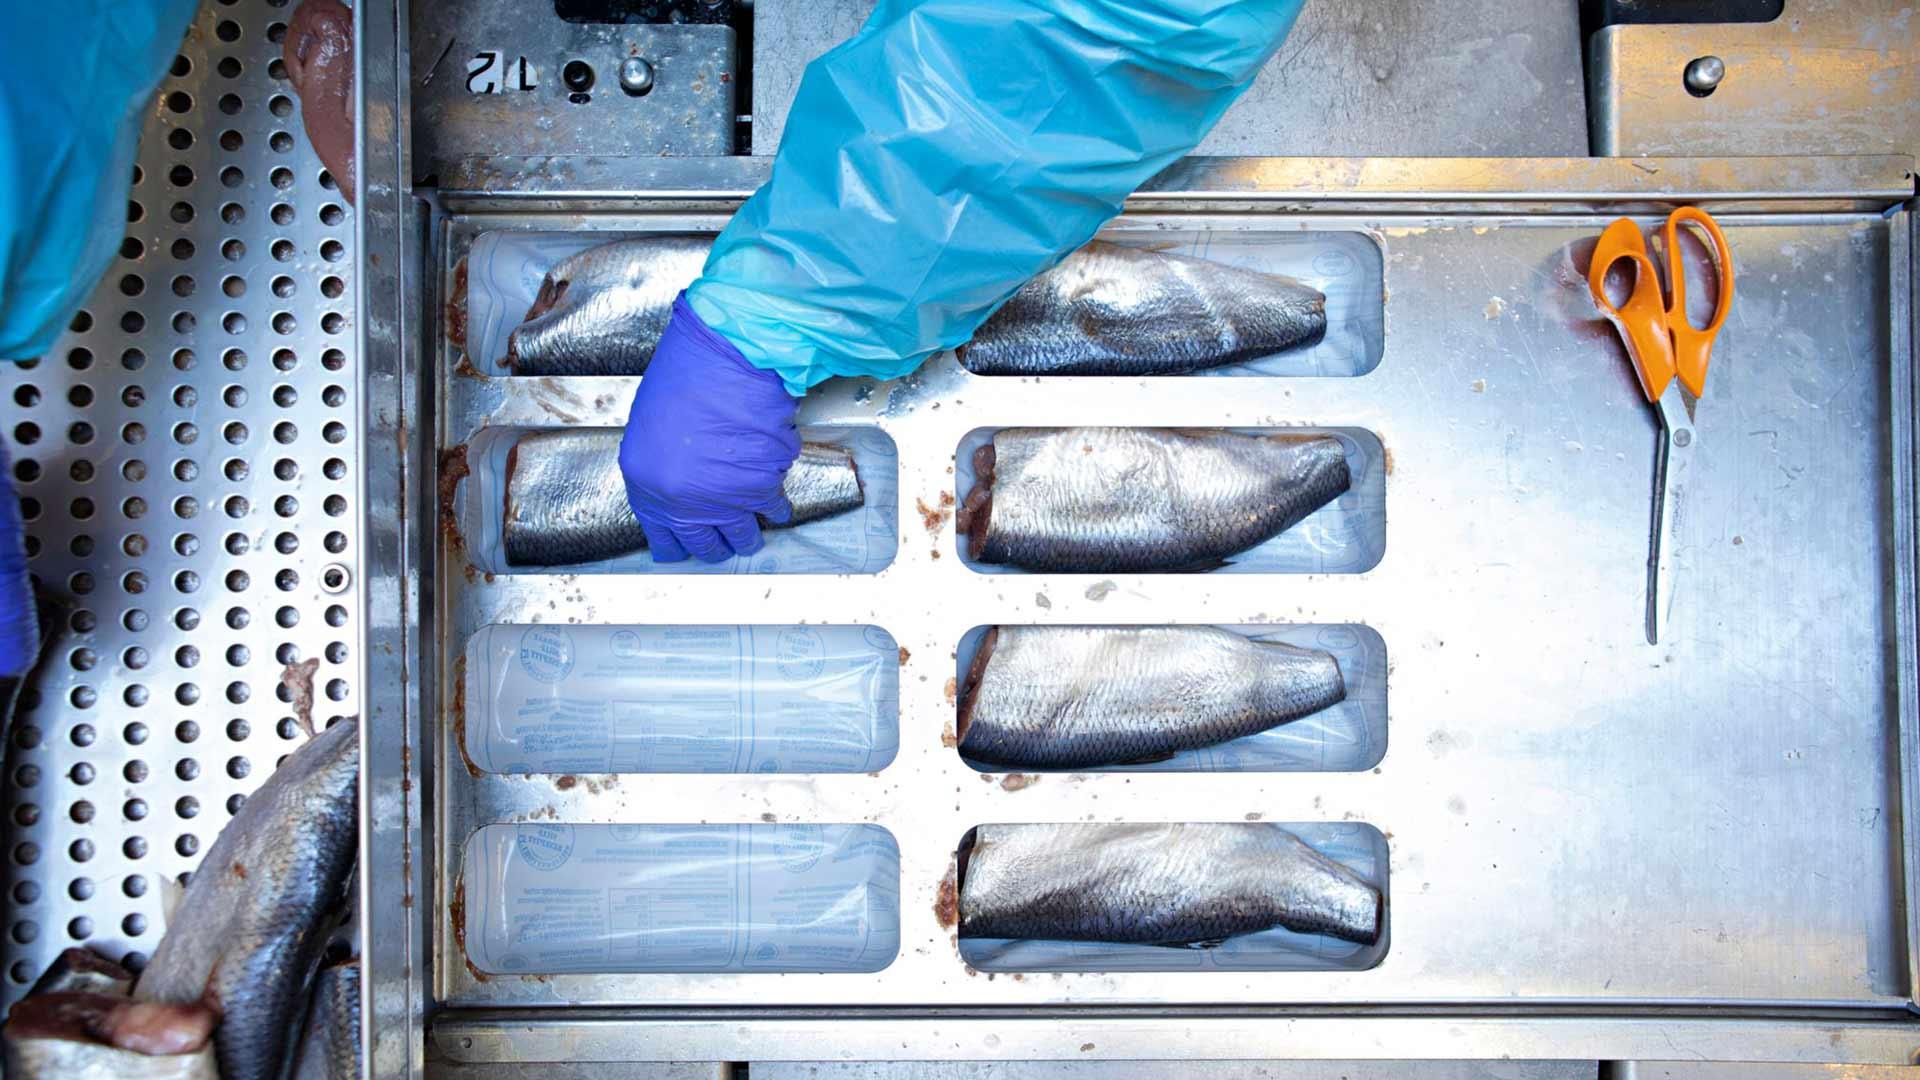 Vakuumilinjalla pakataan kokosilliä. Kone tiivistää muovin kalan ympärille, punnitsee paketin ja hinnoittelee sen. Työntekijä tarkistaa huolellisesti jokaisen kalan.